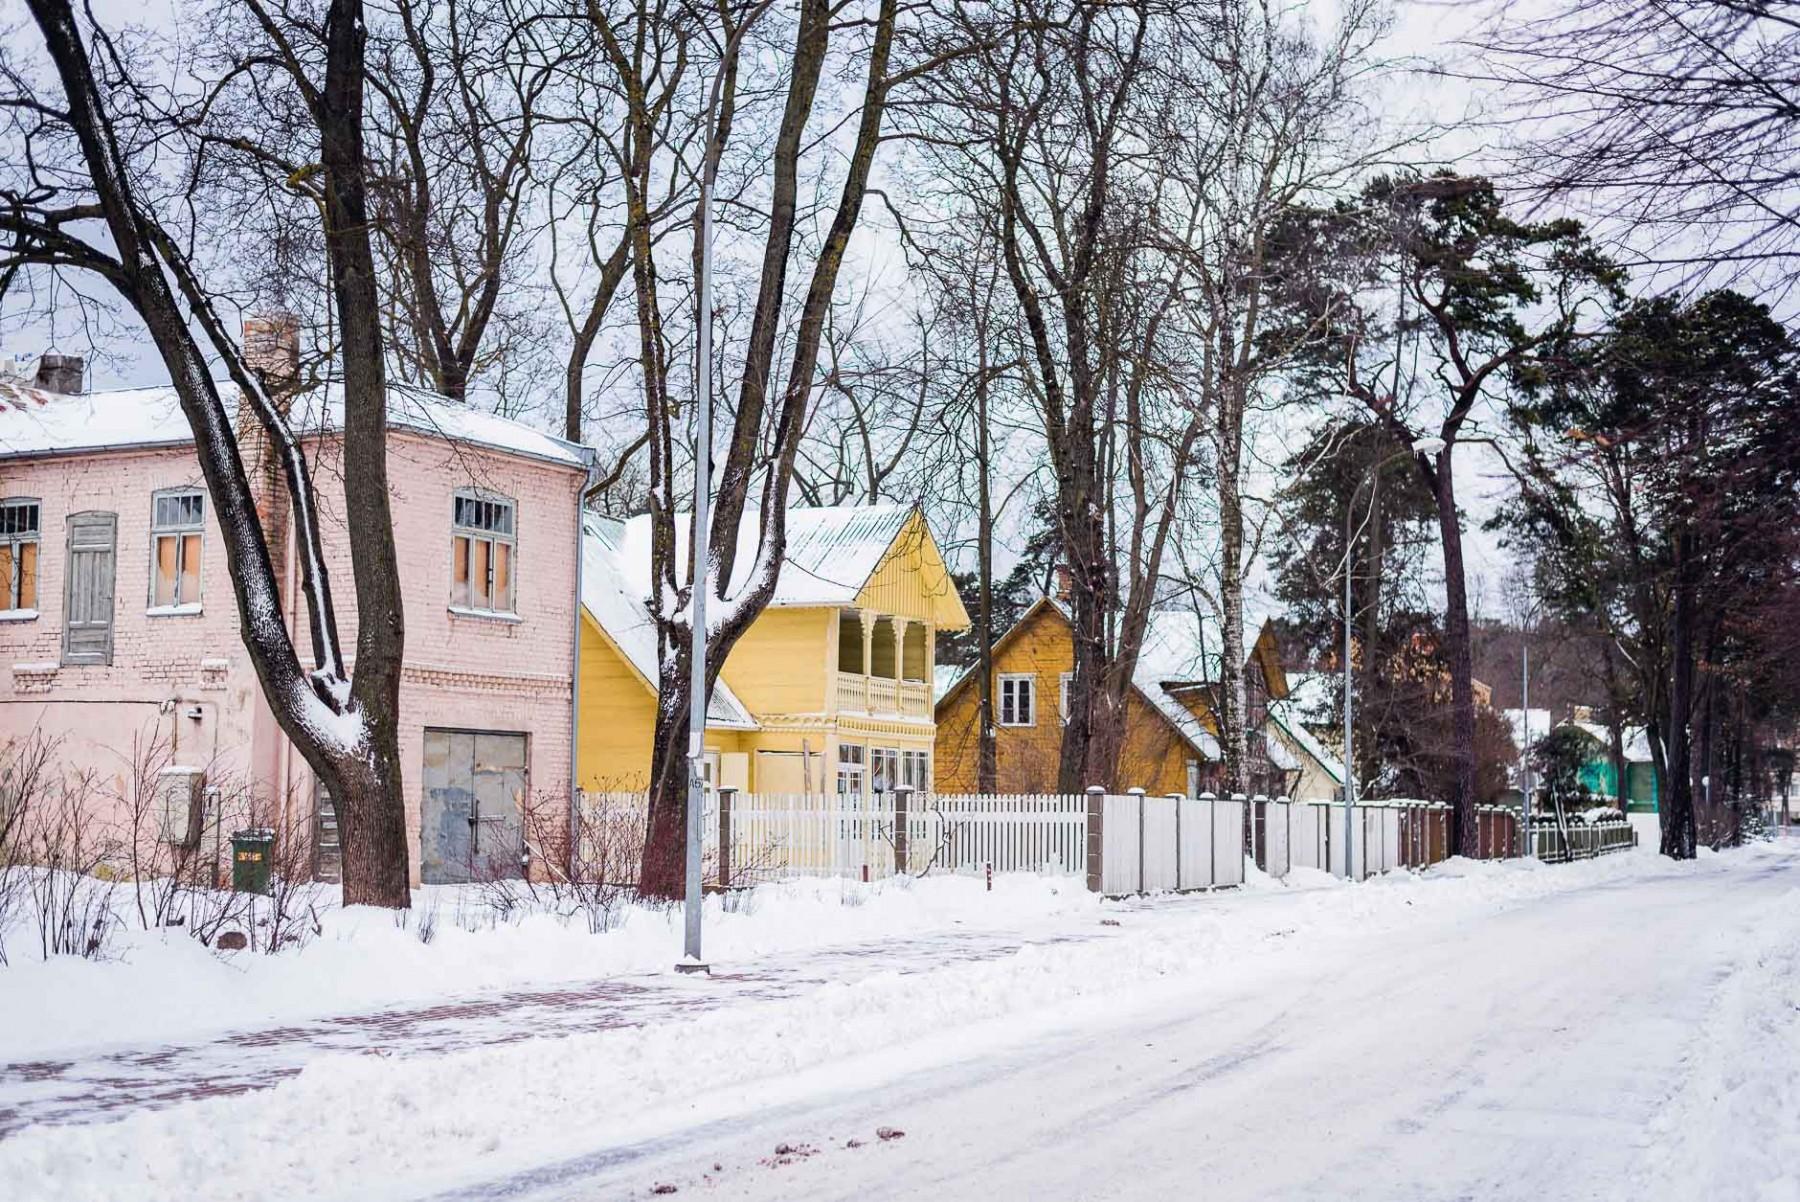 Jurmala, Latvia in January